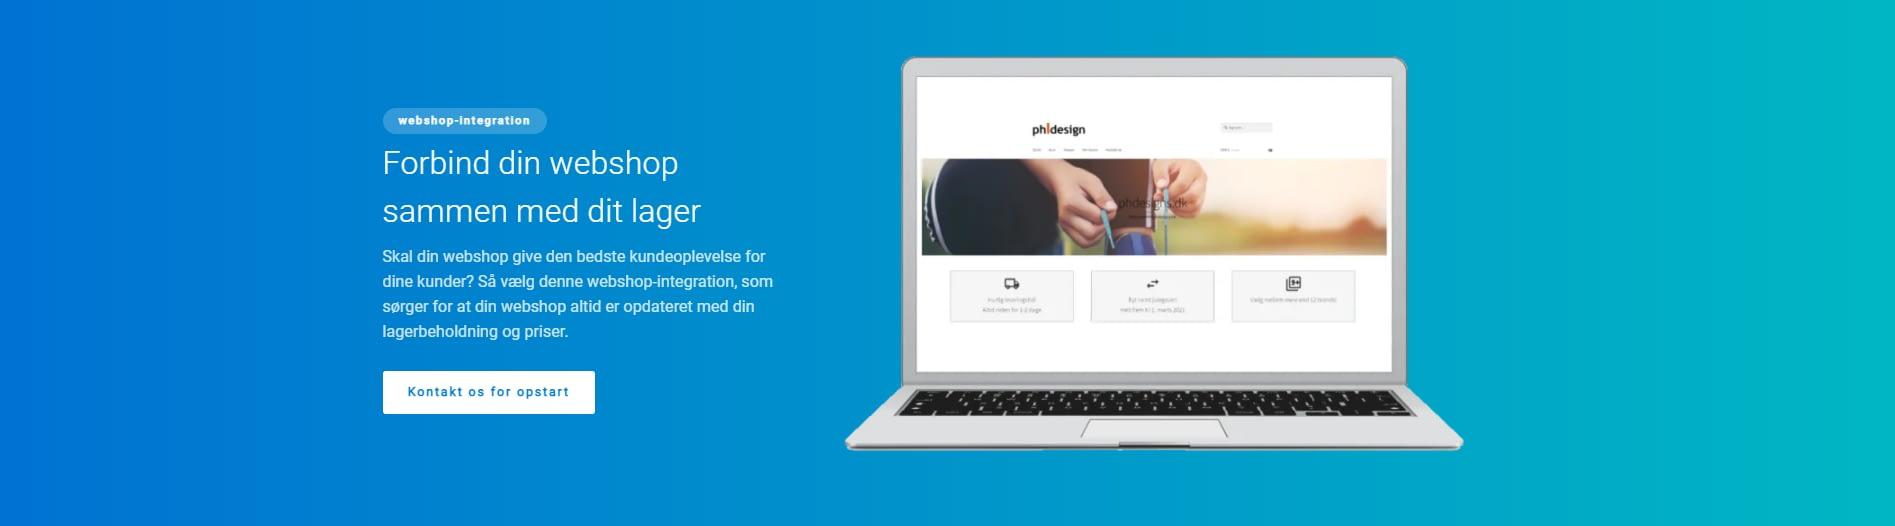 webshop-integration header